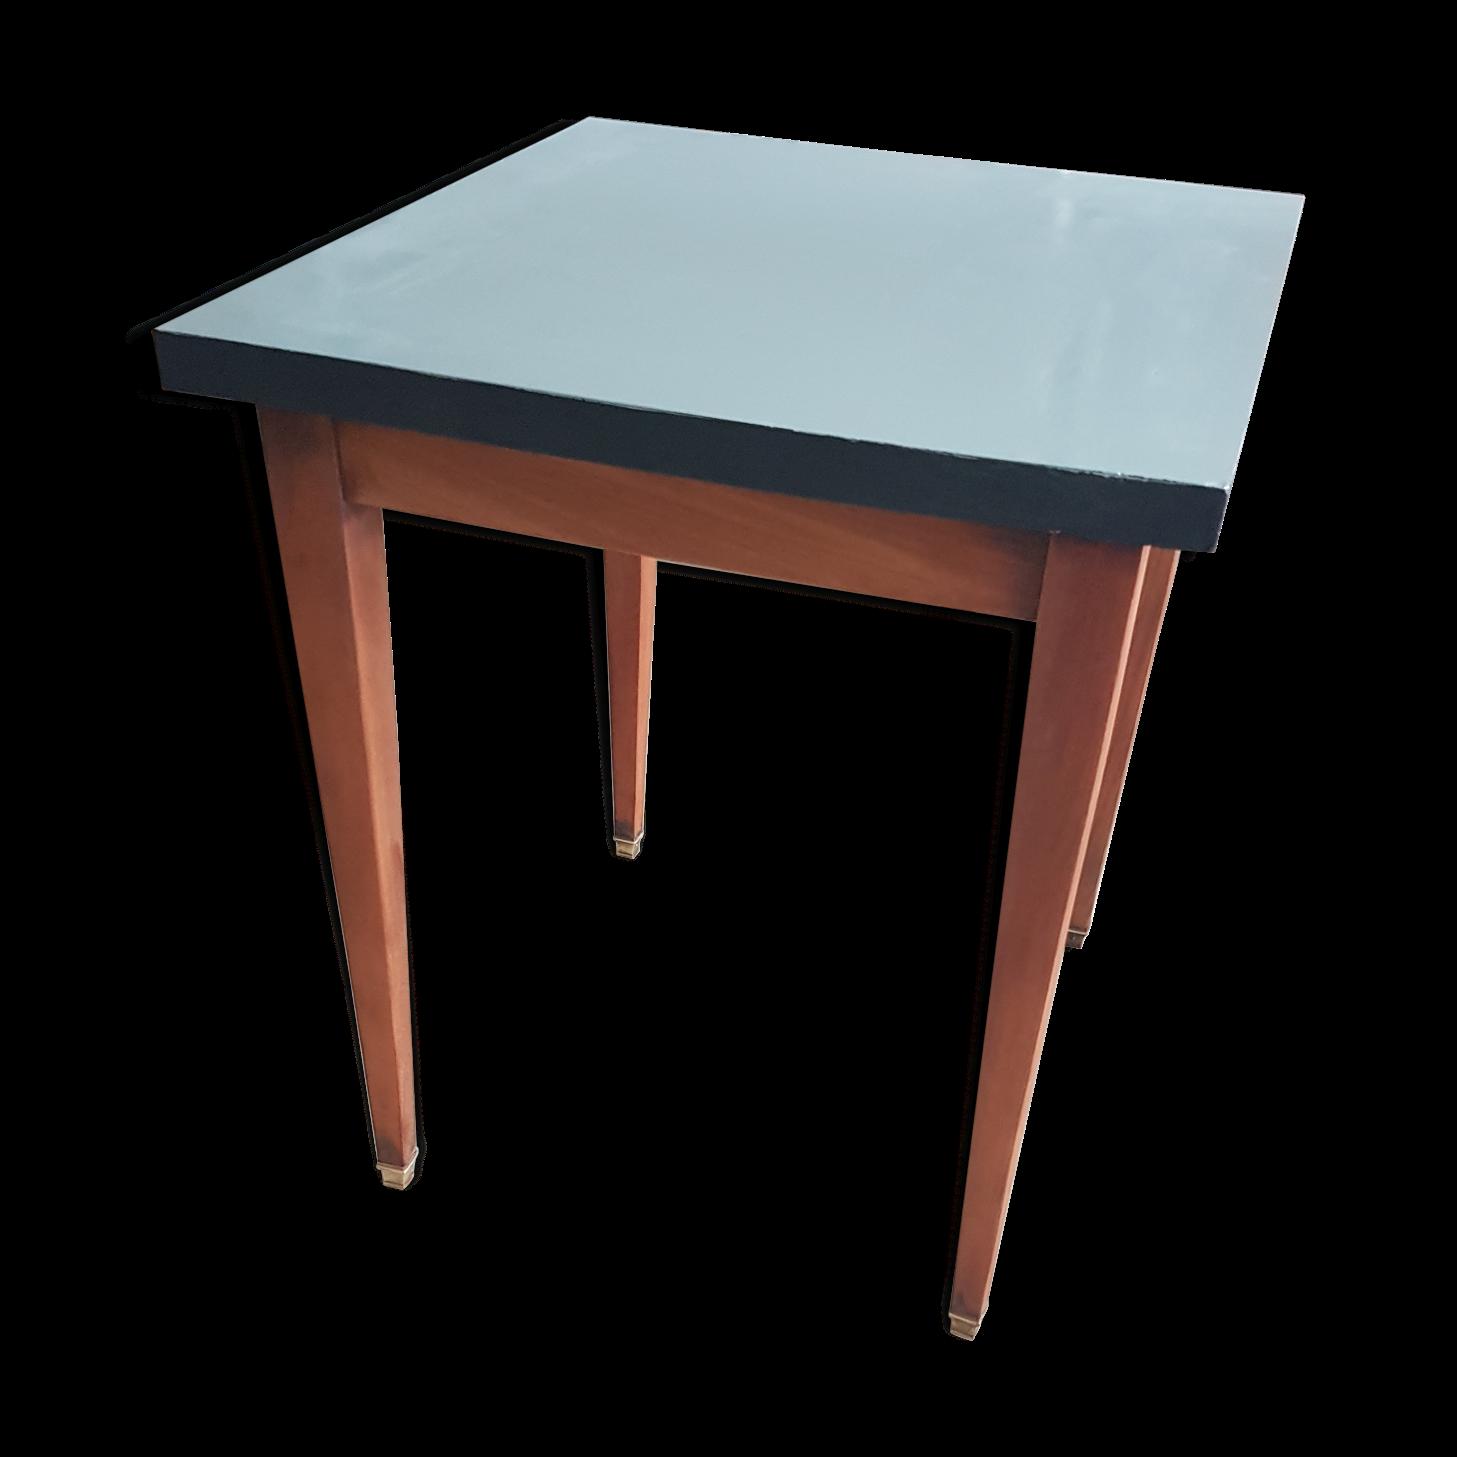 Table de bistrot en bois et formica des années 50/60